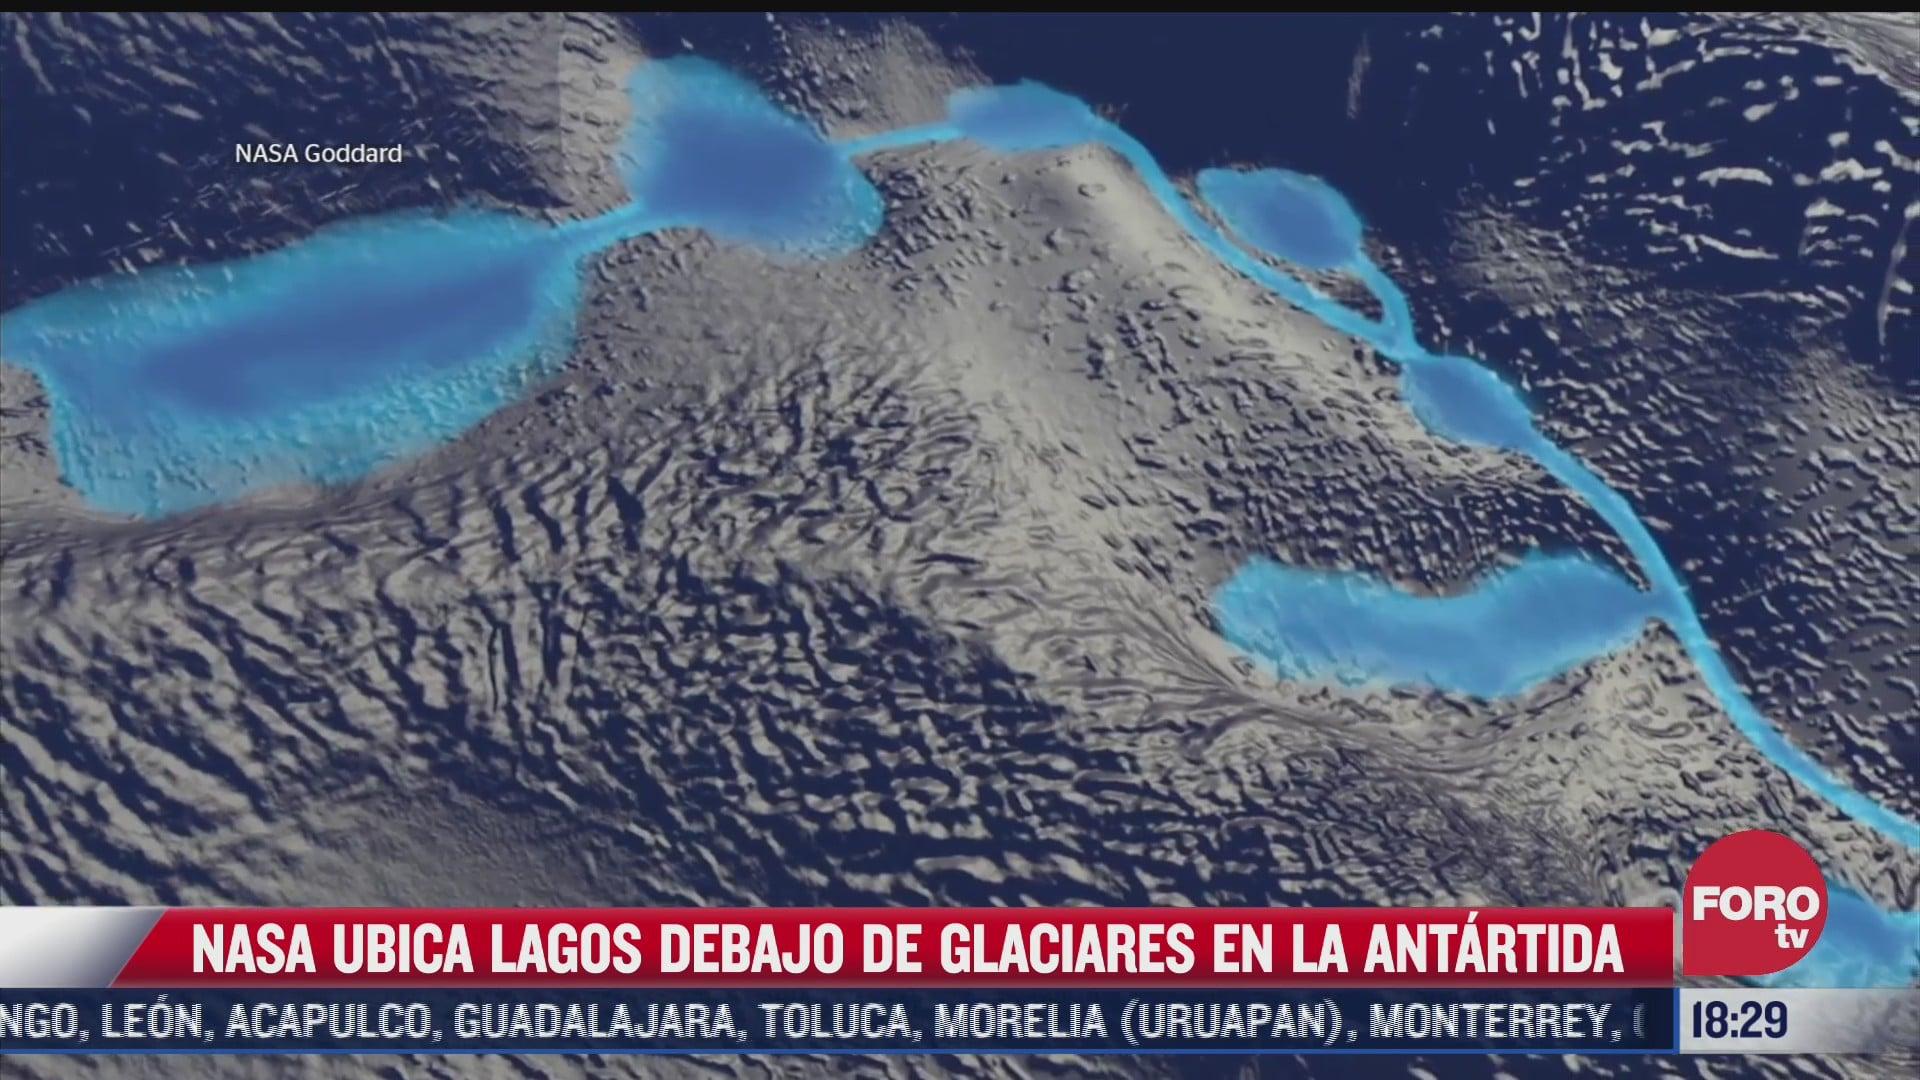 nasa ubica lagos debajo de glaciares de la antartida